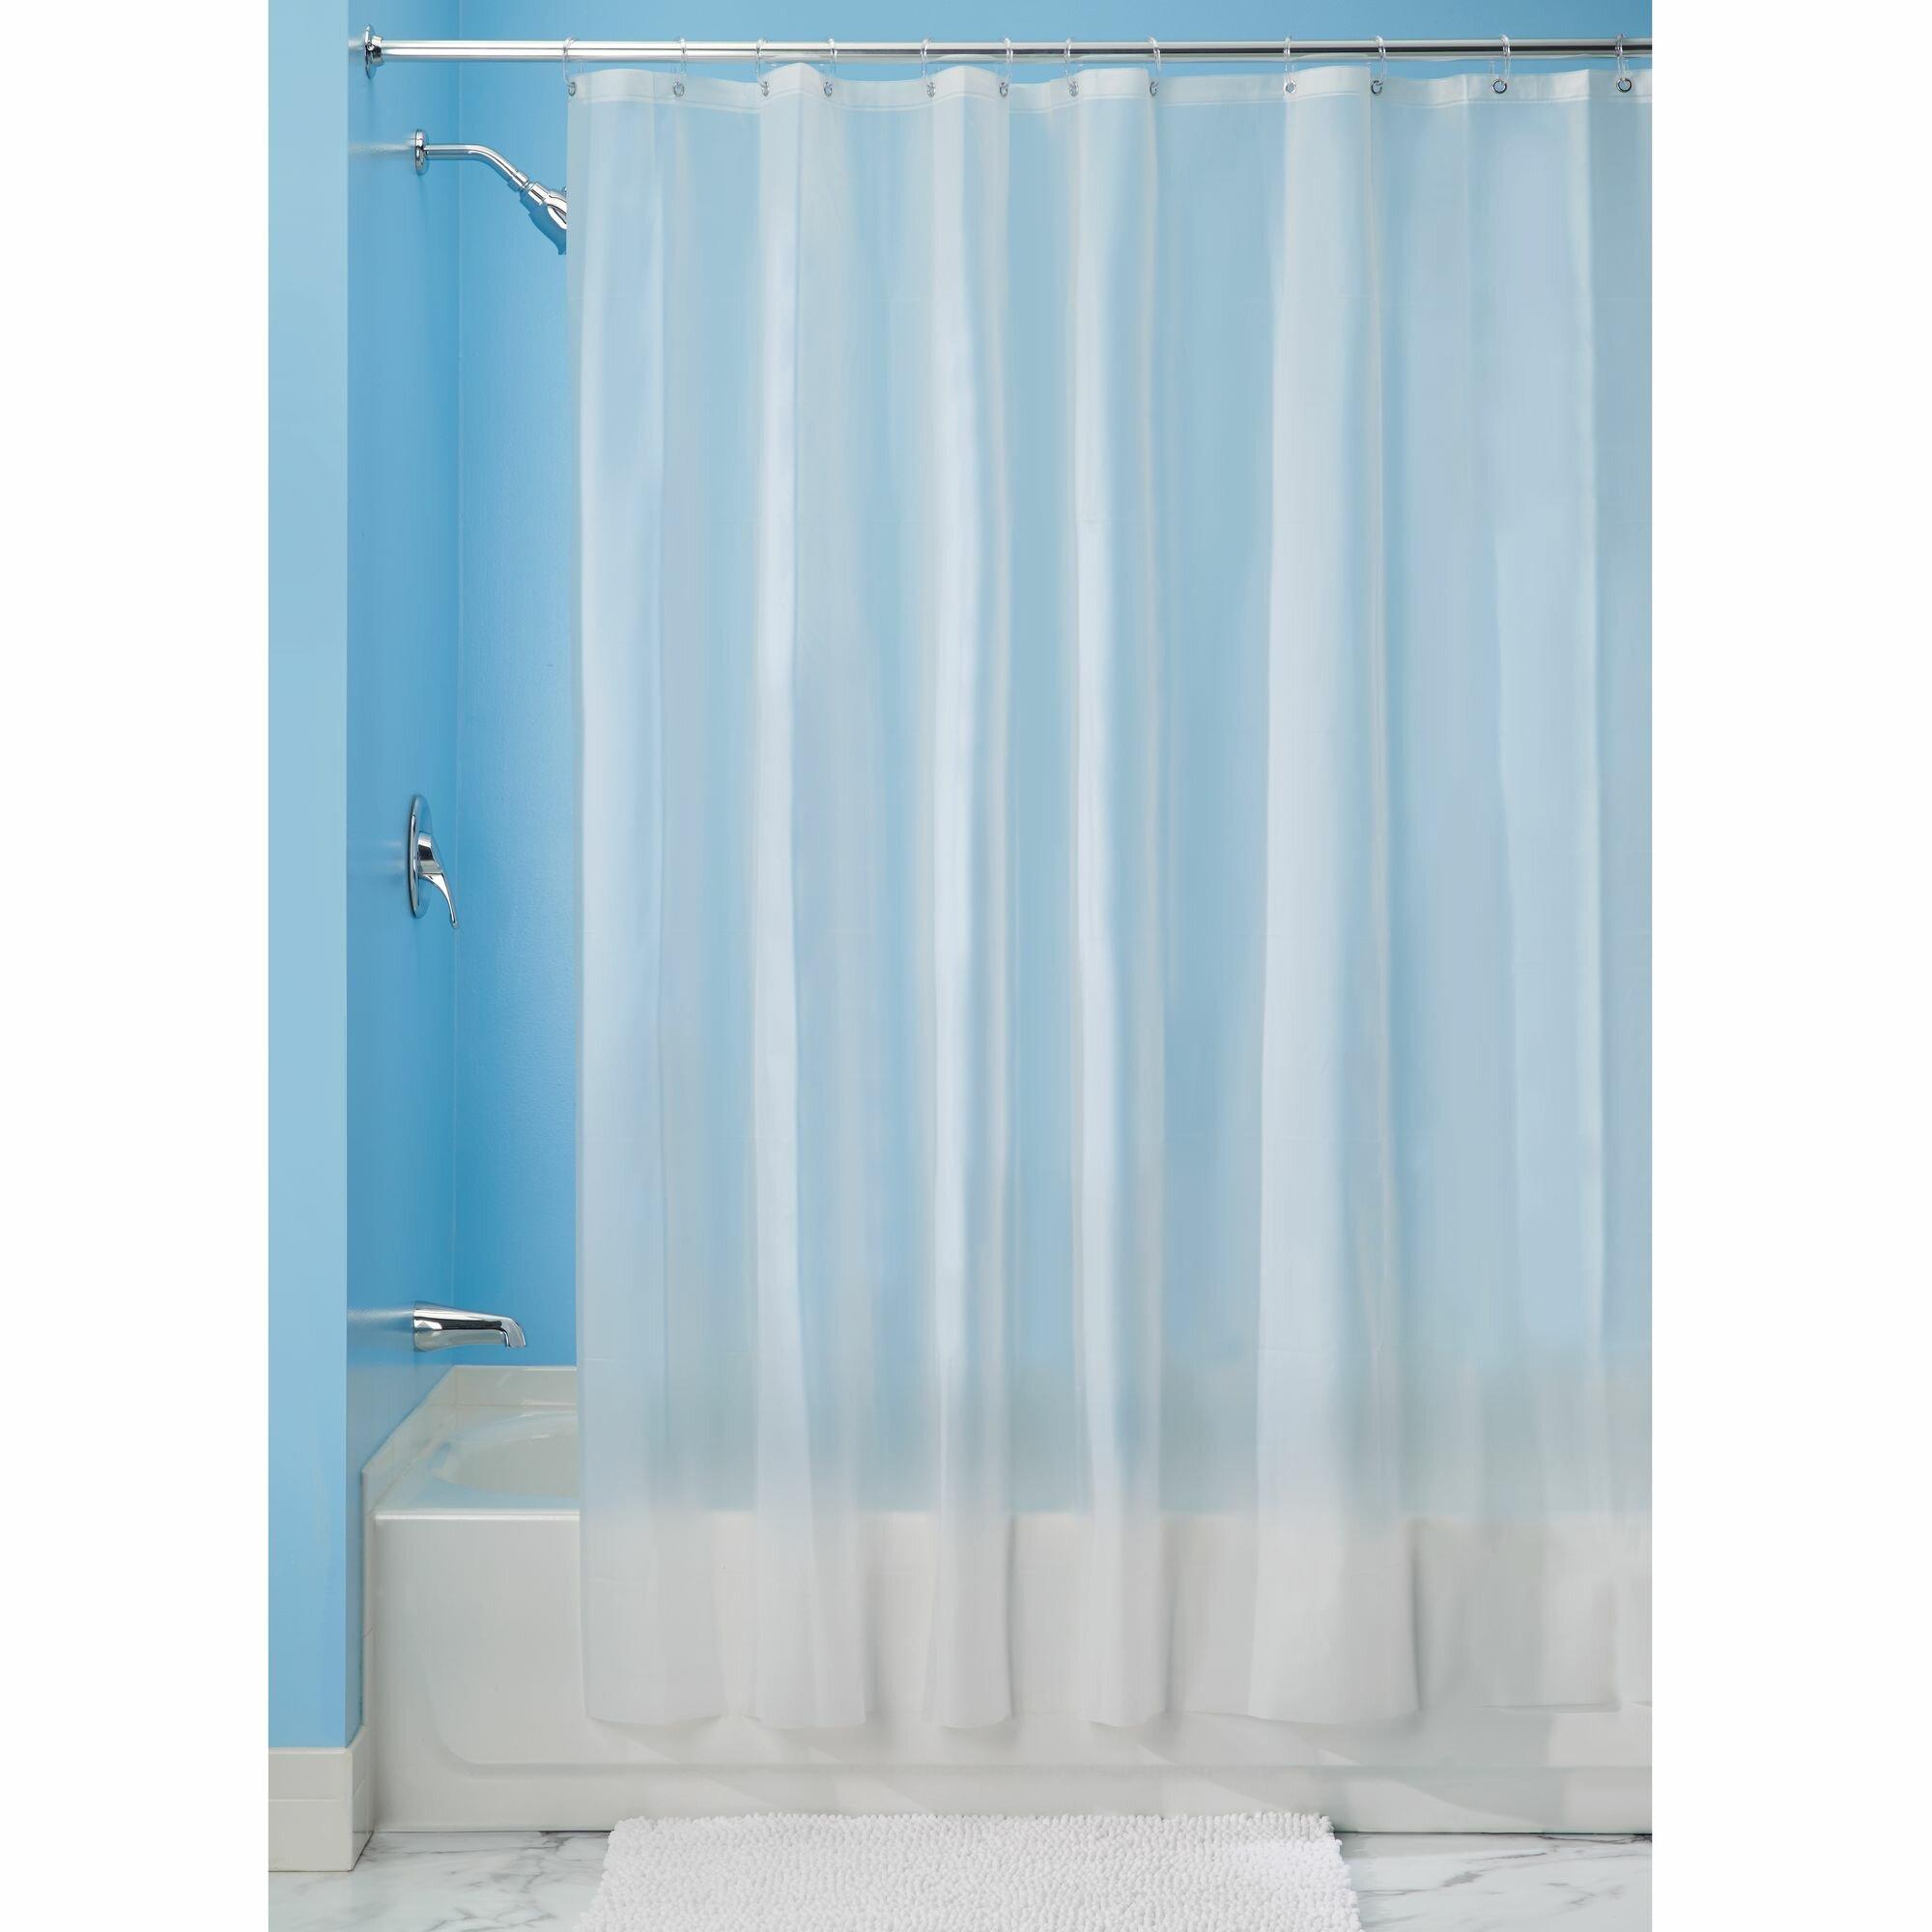 Symple Stuff Vinyl Waterproof Shower Curtain Reviews